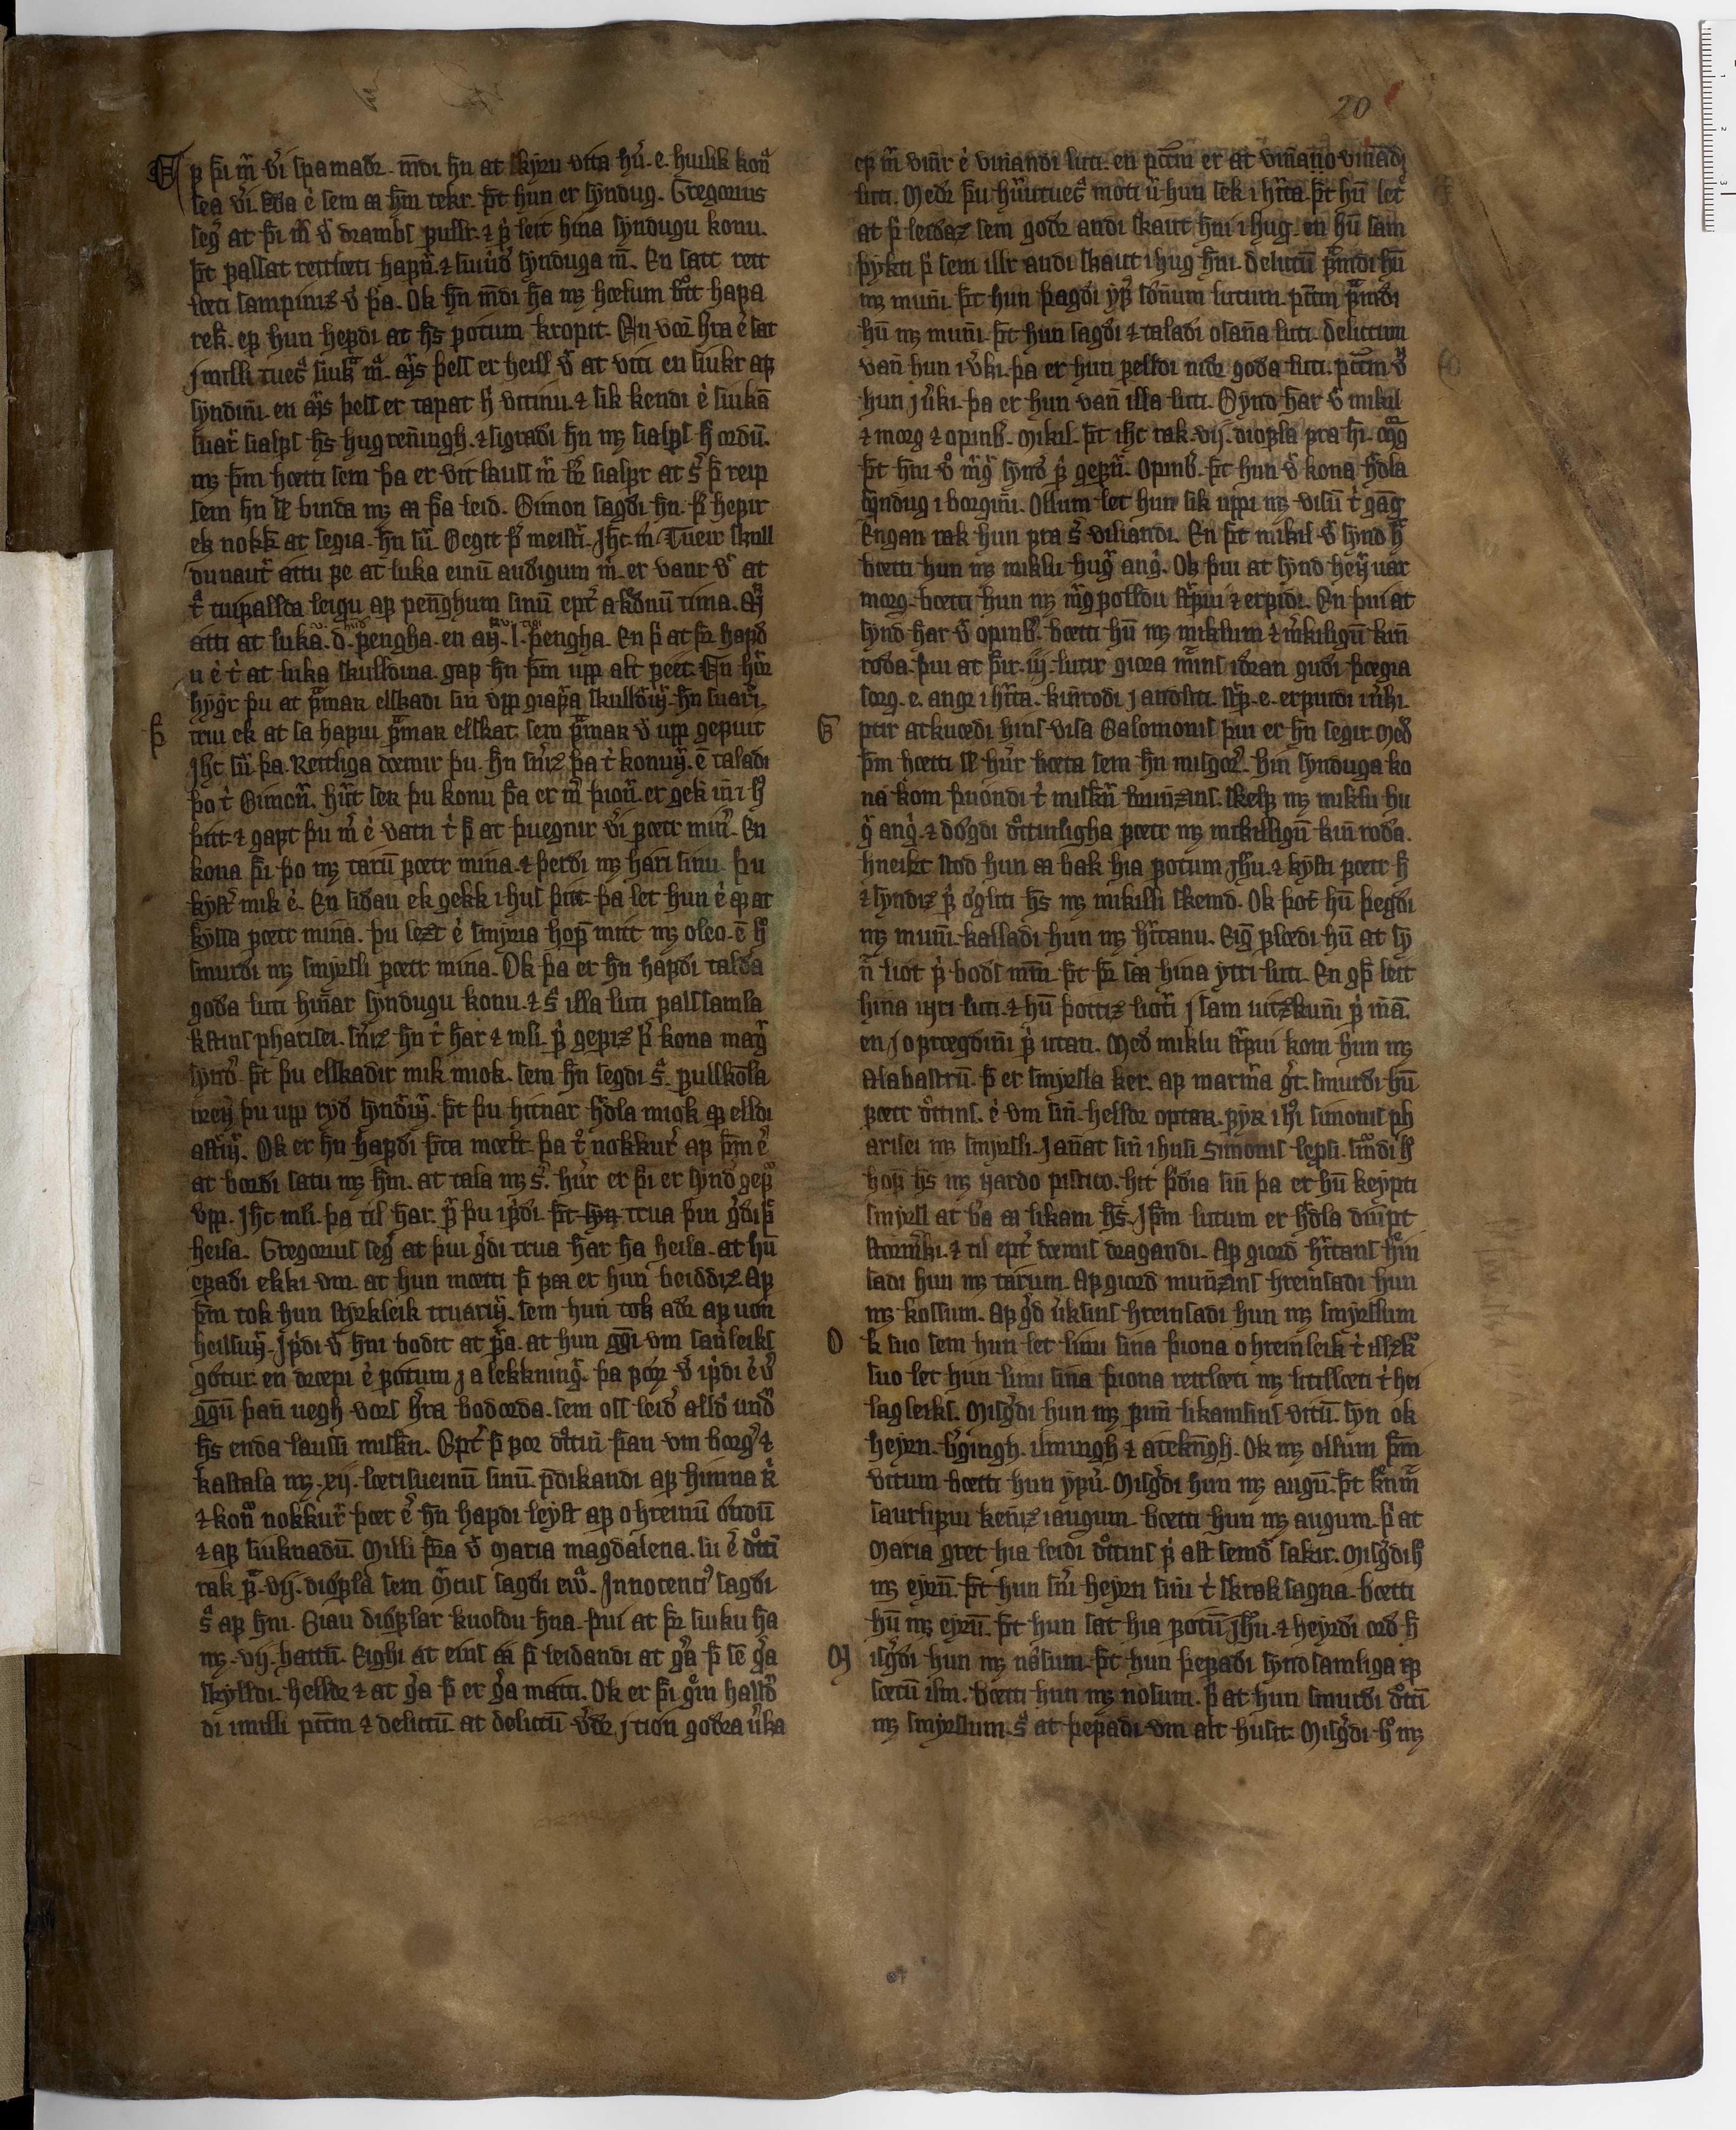 AM 233 a fol - 20r